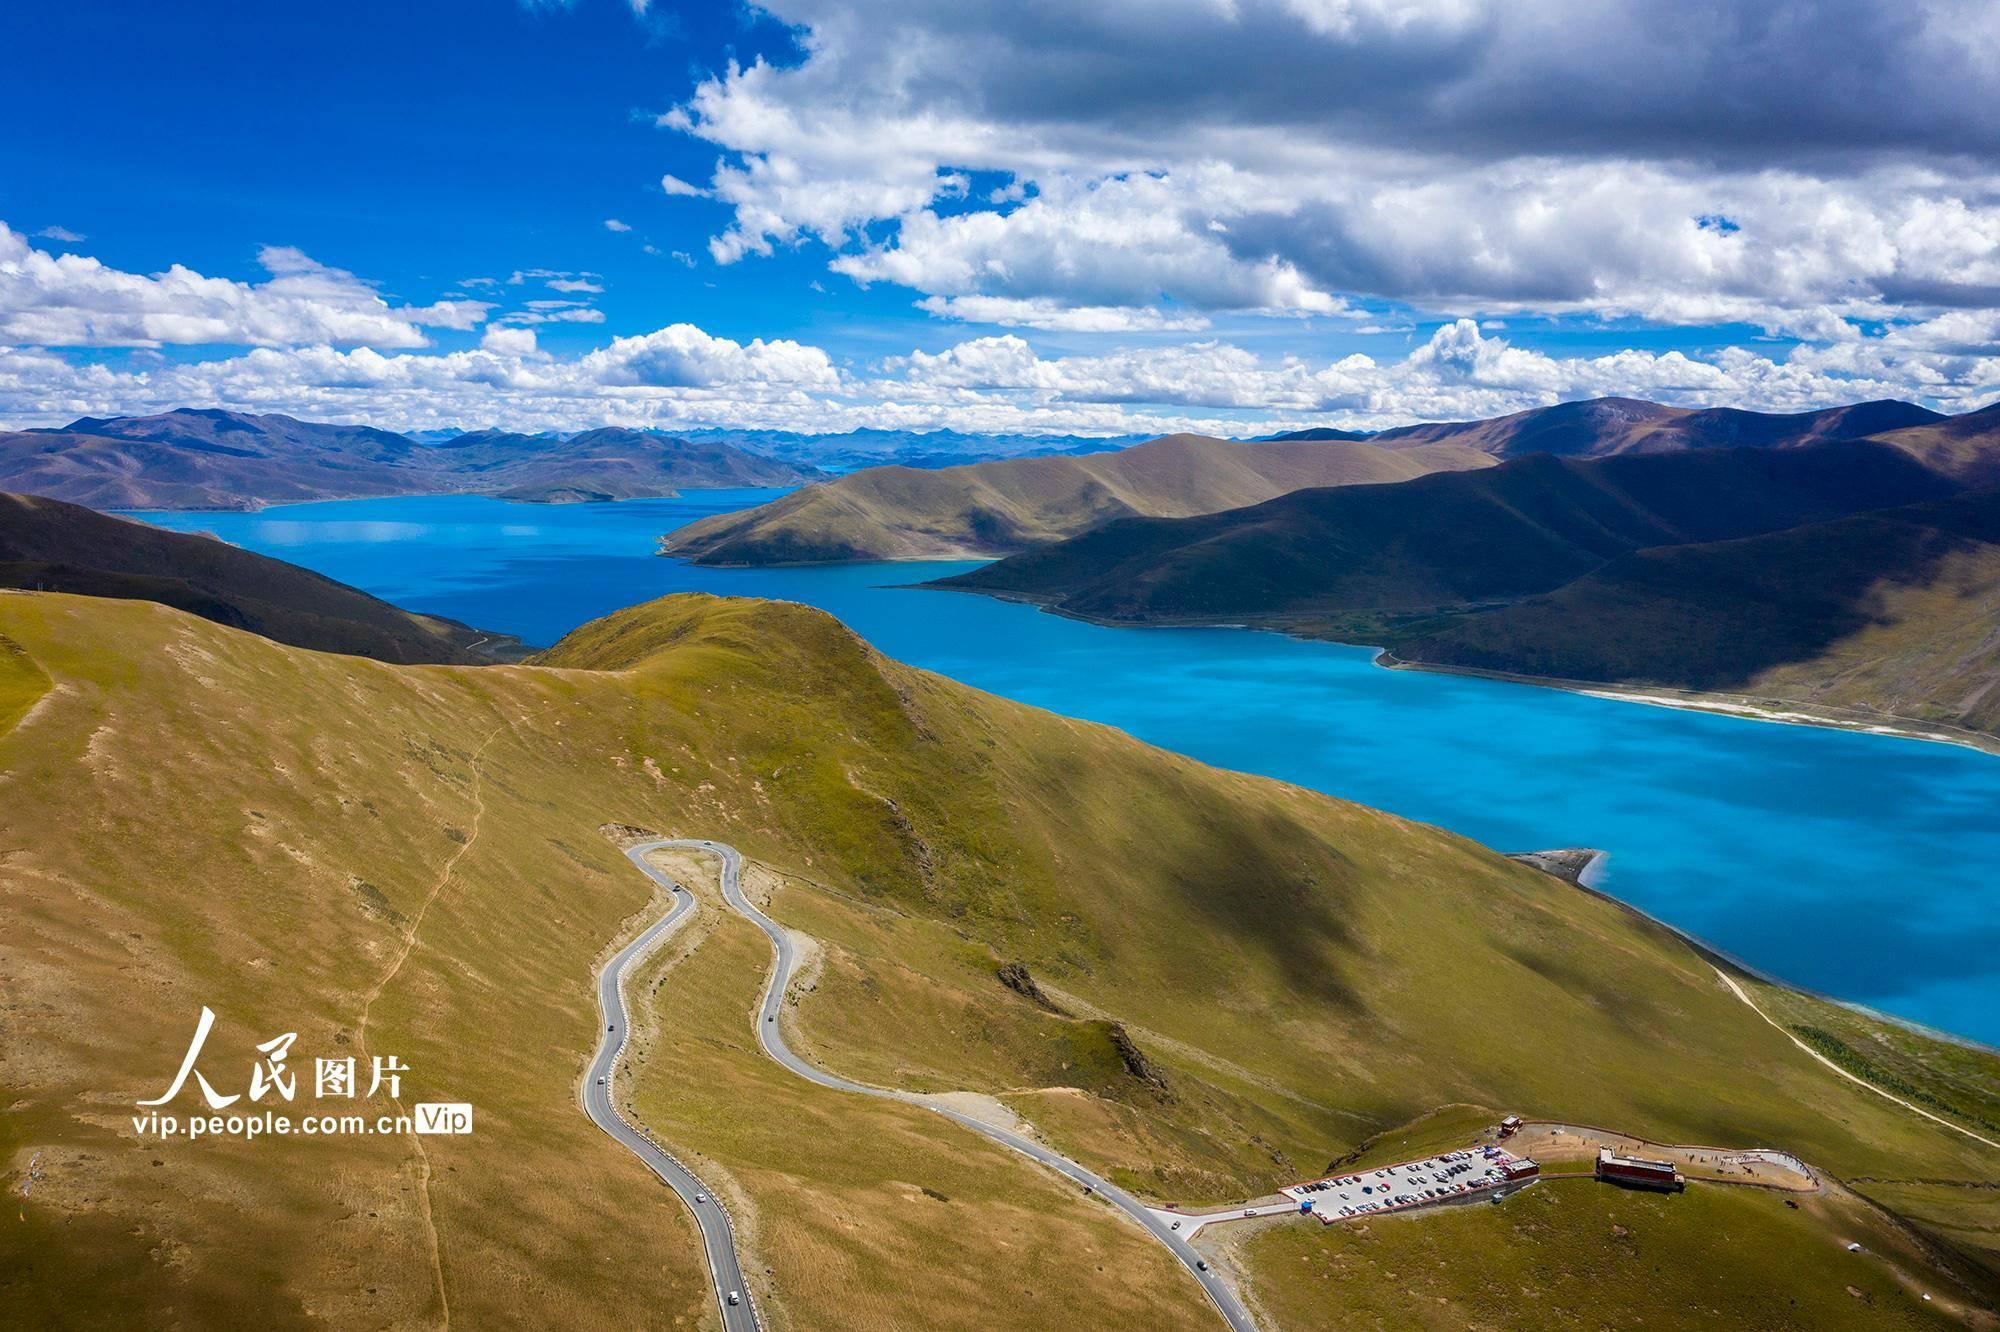 西藏山南:羊卓雍措风景如画。 羊卓雍措